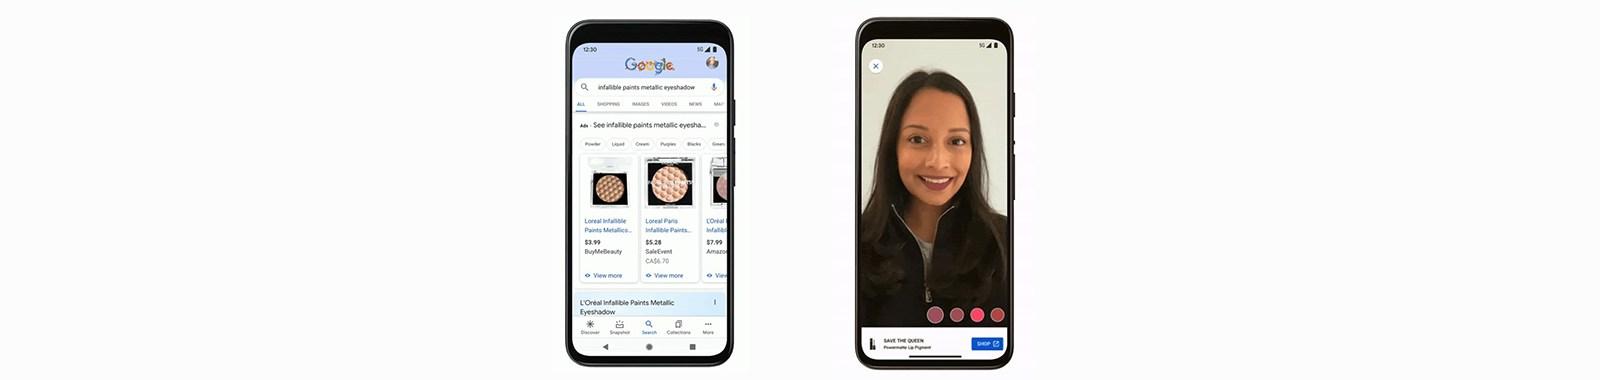 Google-snapchat-eye